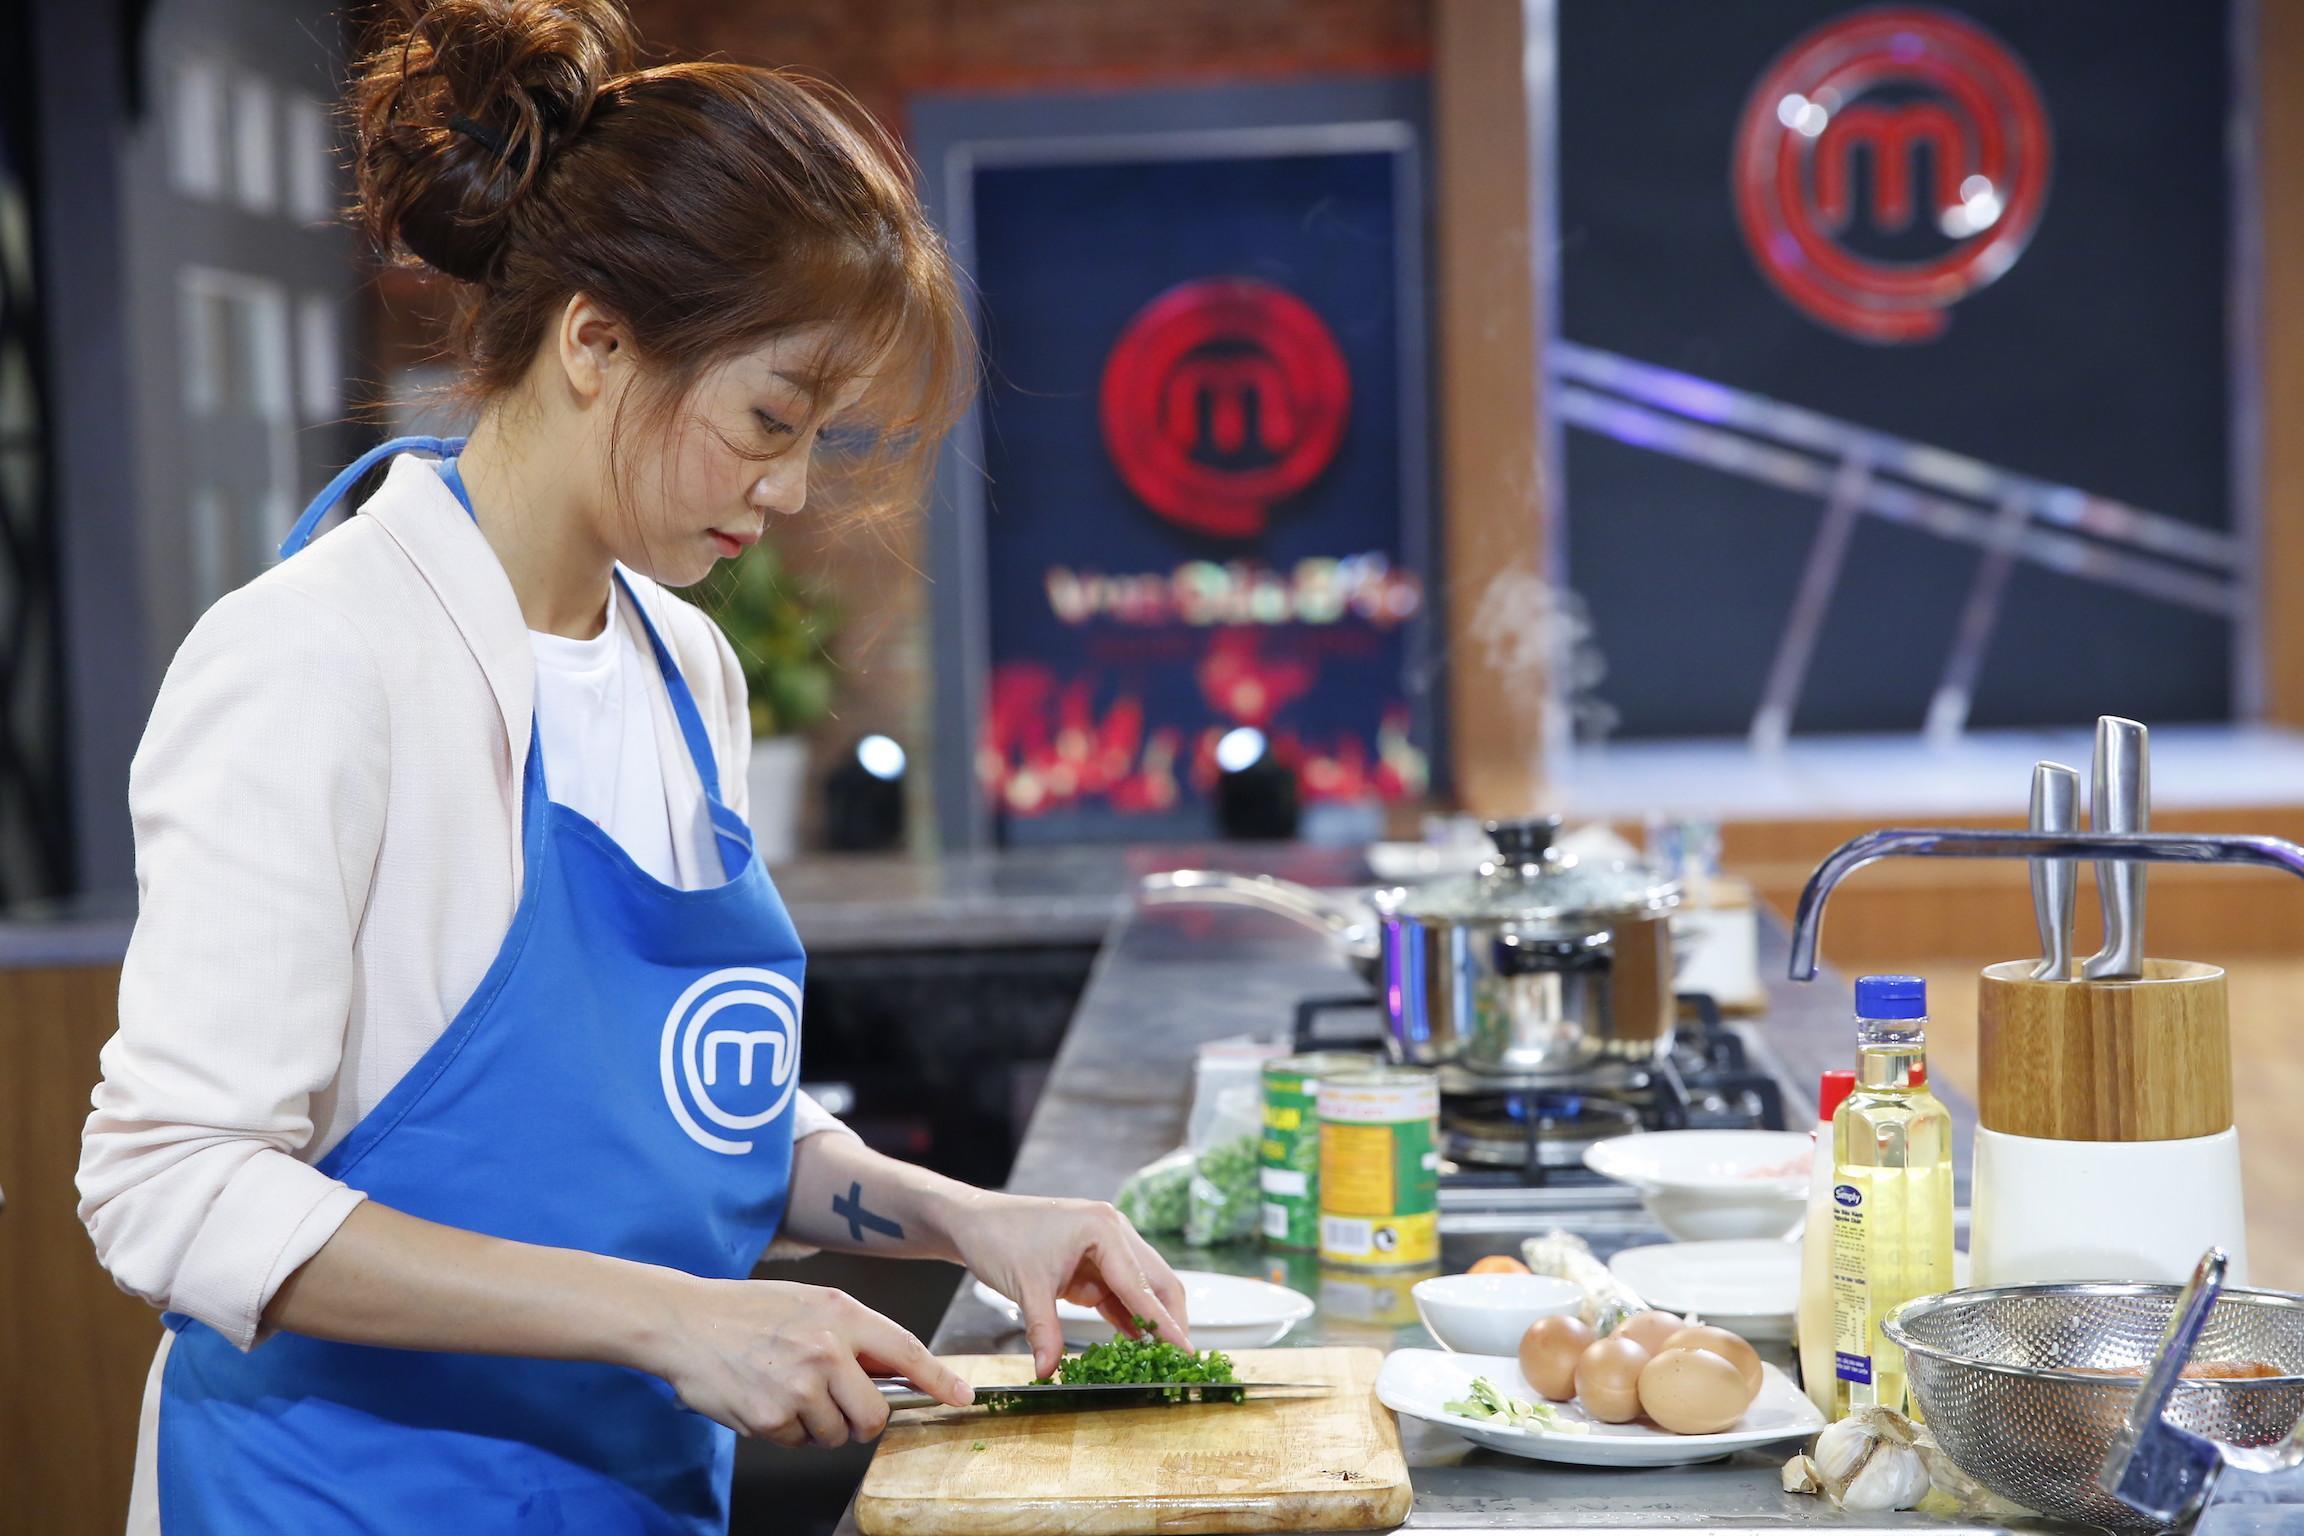 Vua đầu bếp 2017:  Bảo Thanh bất ngờ thất bại trước cô nàng cá tính An Nguy-6